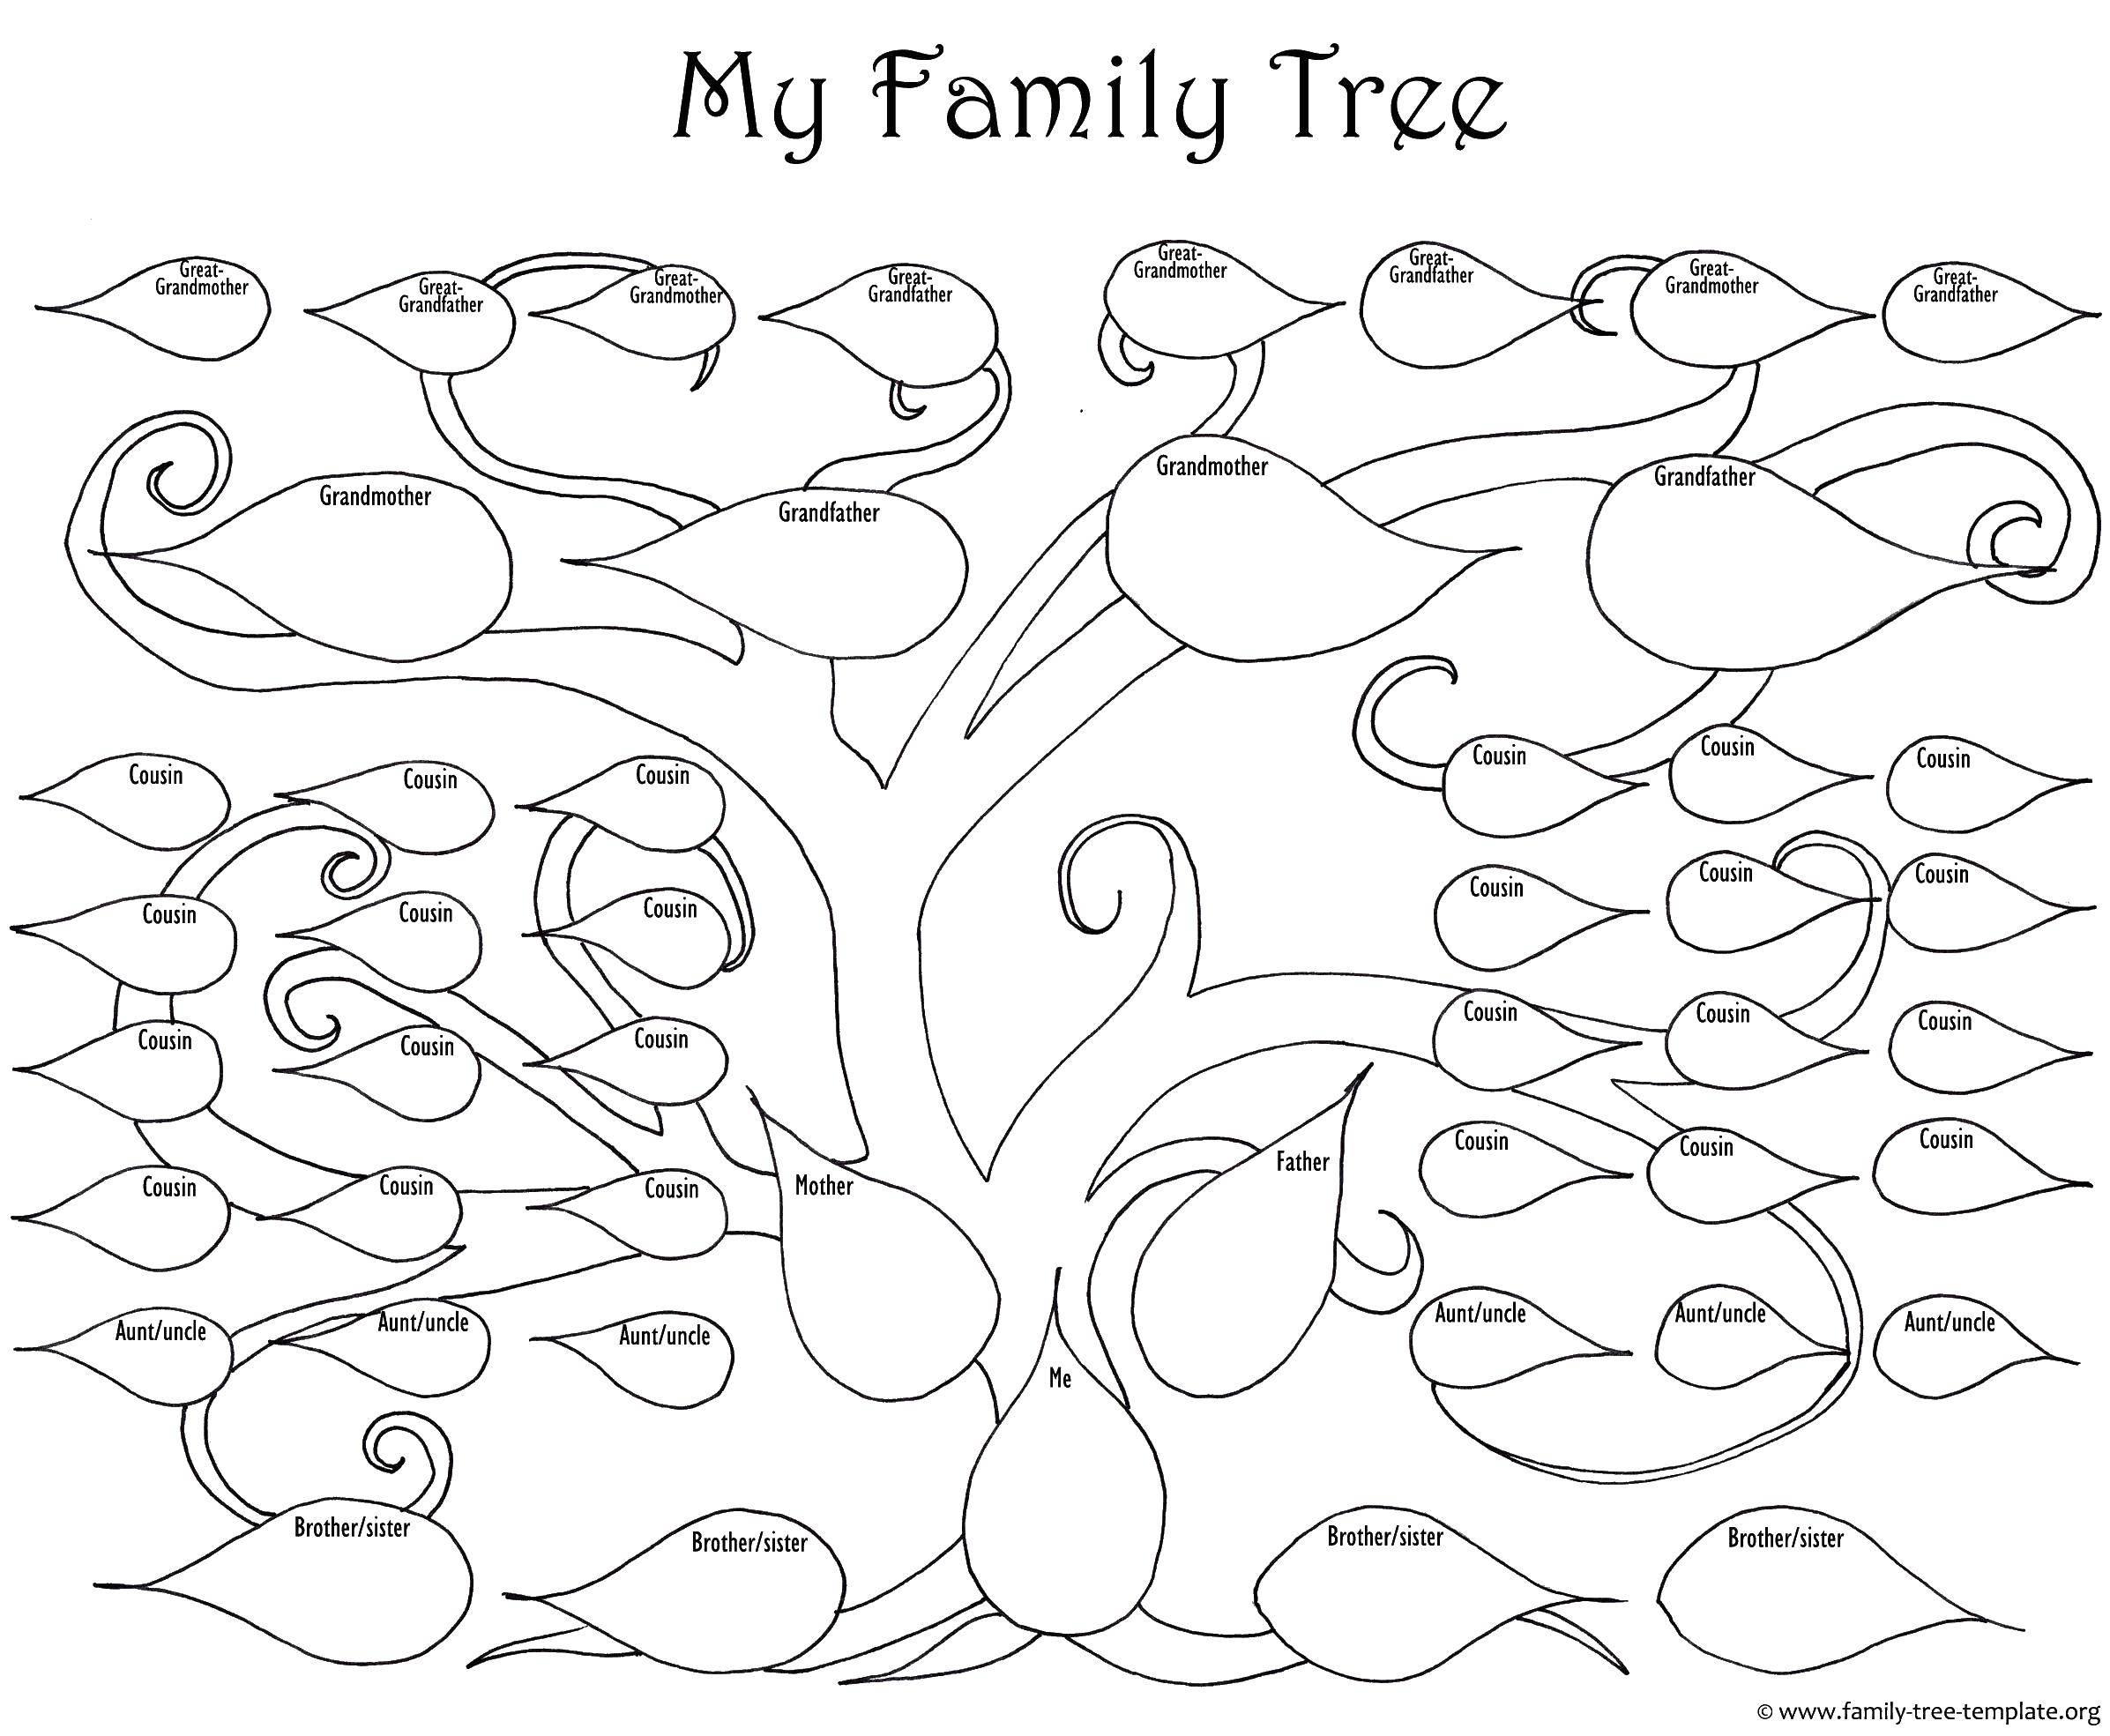 Раскраска Моё семейное древо Скачать Семья, родители, дети.  Распечатать ,Семейное дерево,